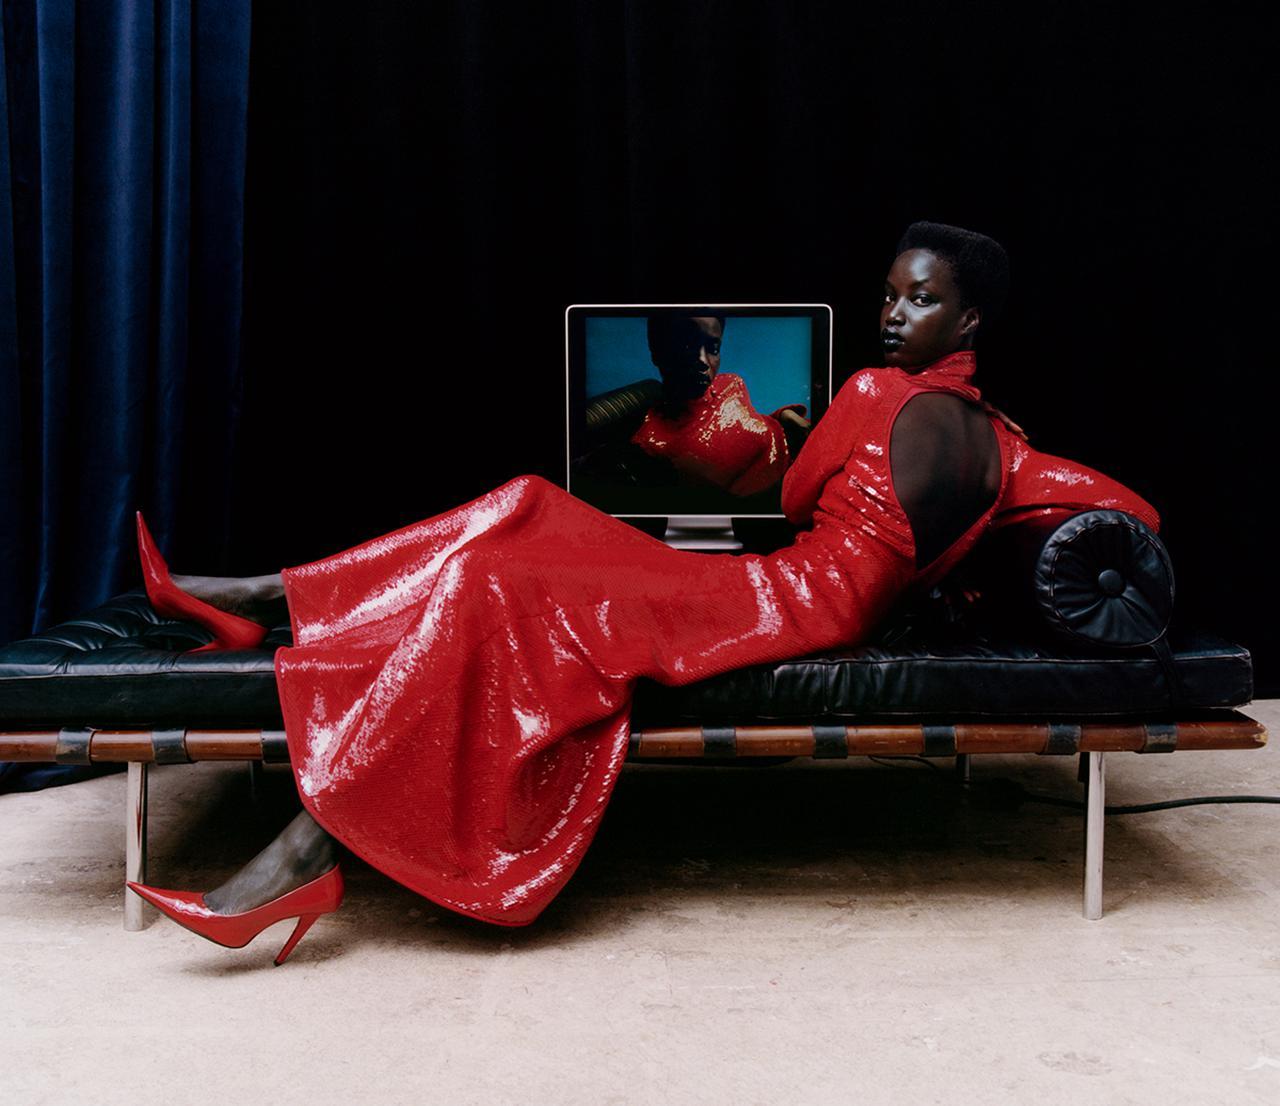 Images : 8番目の画像 - 「秋、麗人たちの装いに 不可欠なのは 真紅、煌めき、つややかなレザー」のアルバム - T JAPAN:The New York Times Style Magazine 公式サイト